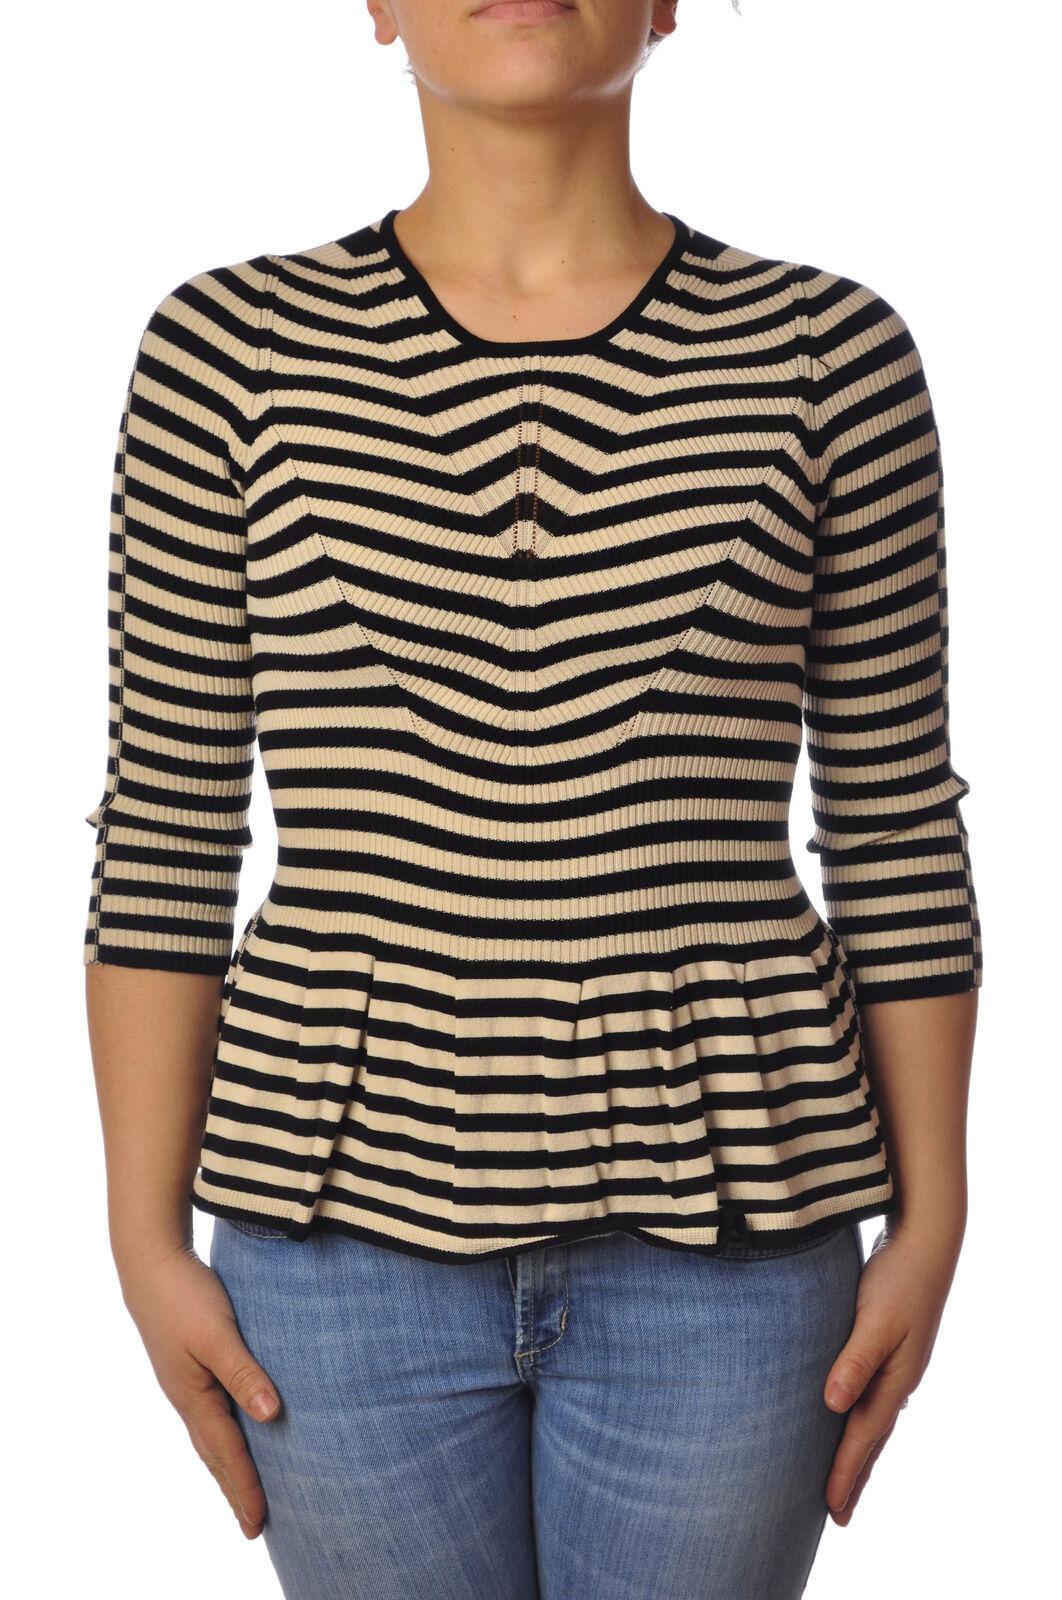 Twin Set - Knitwear-Sweaters - Frau - Fantasy - 4965028F183728